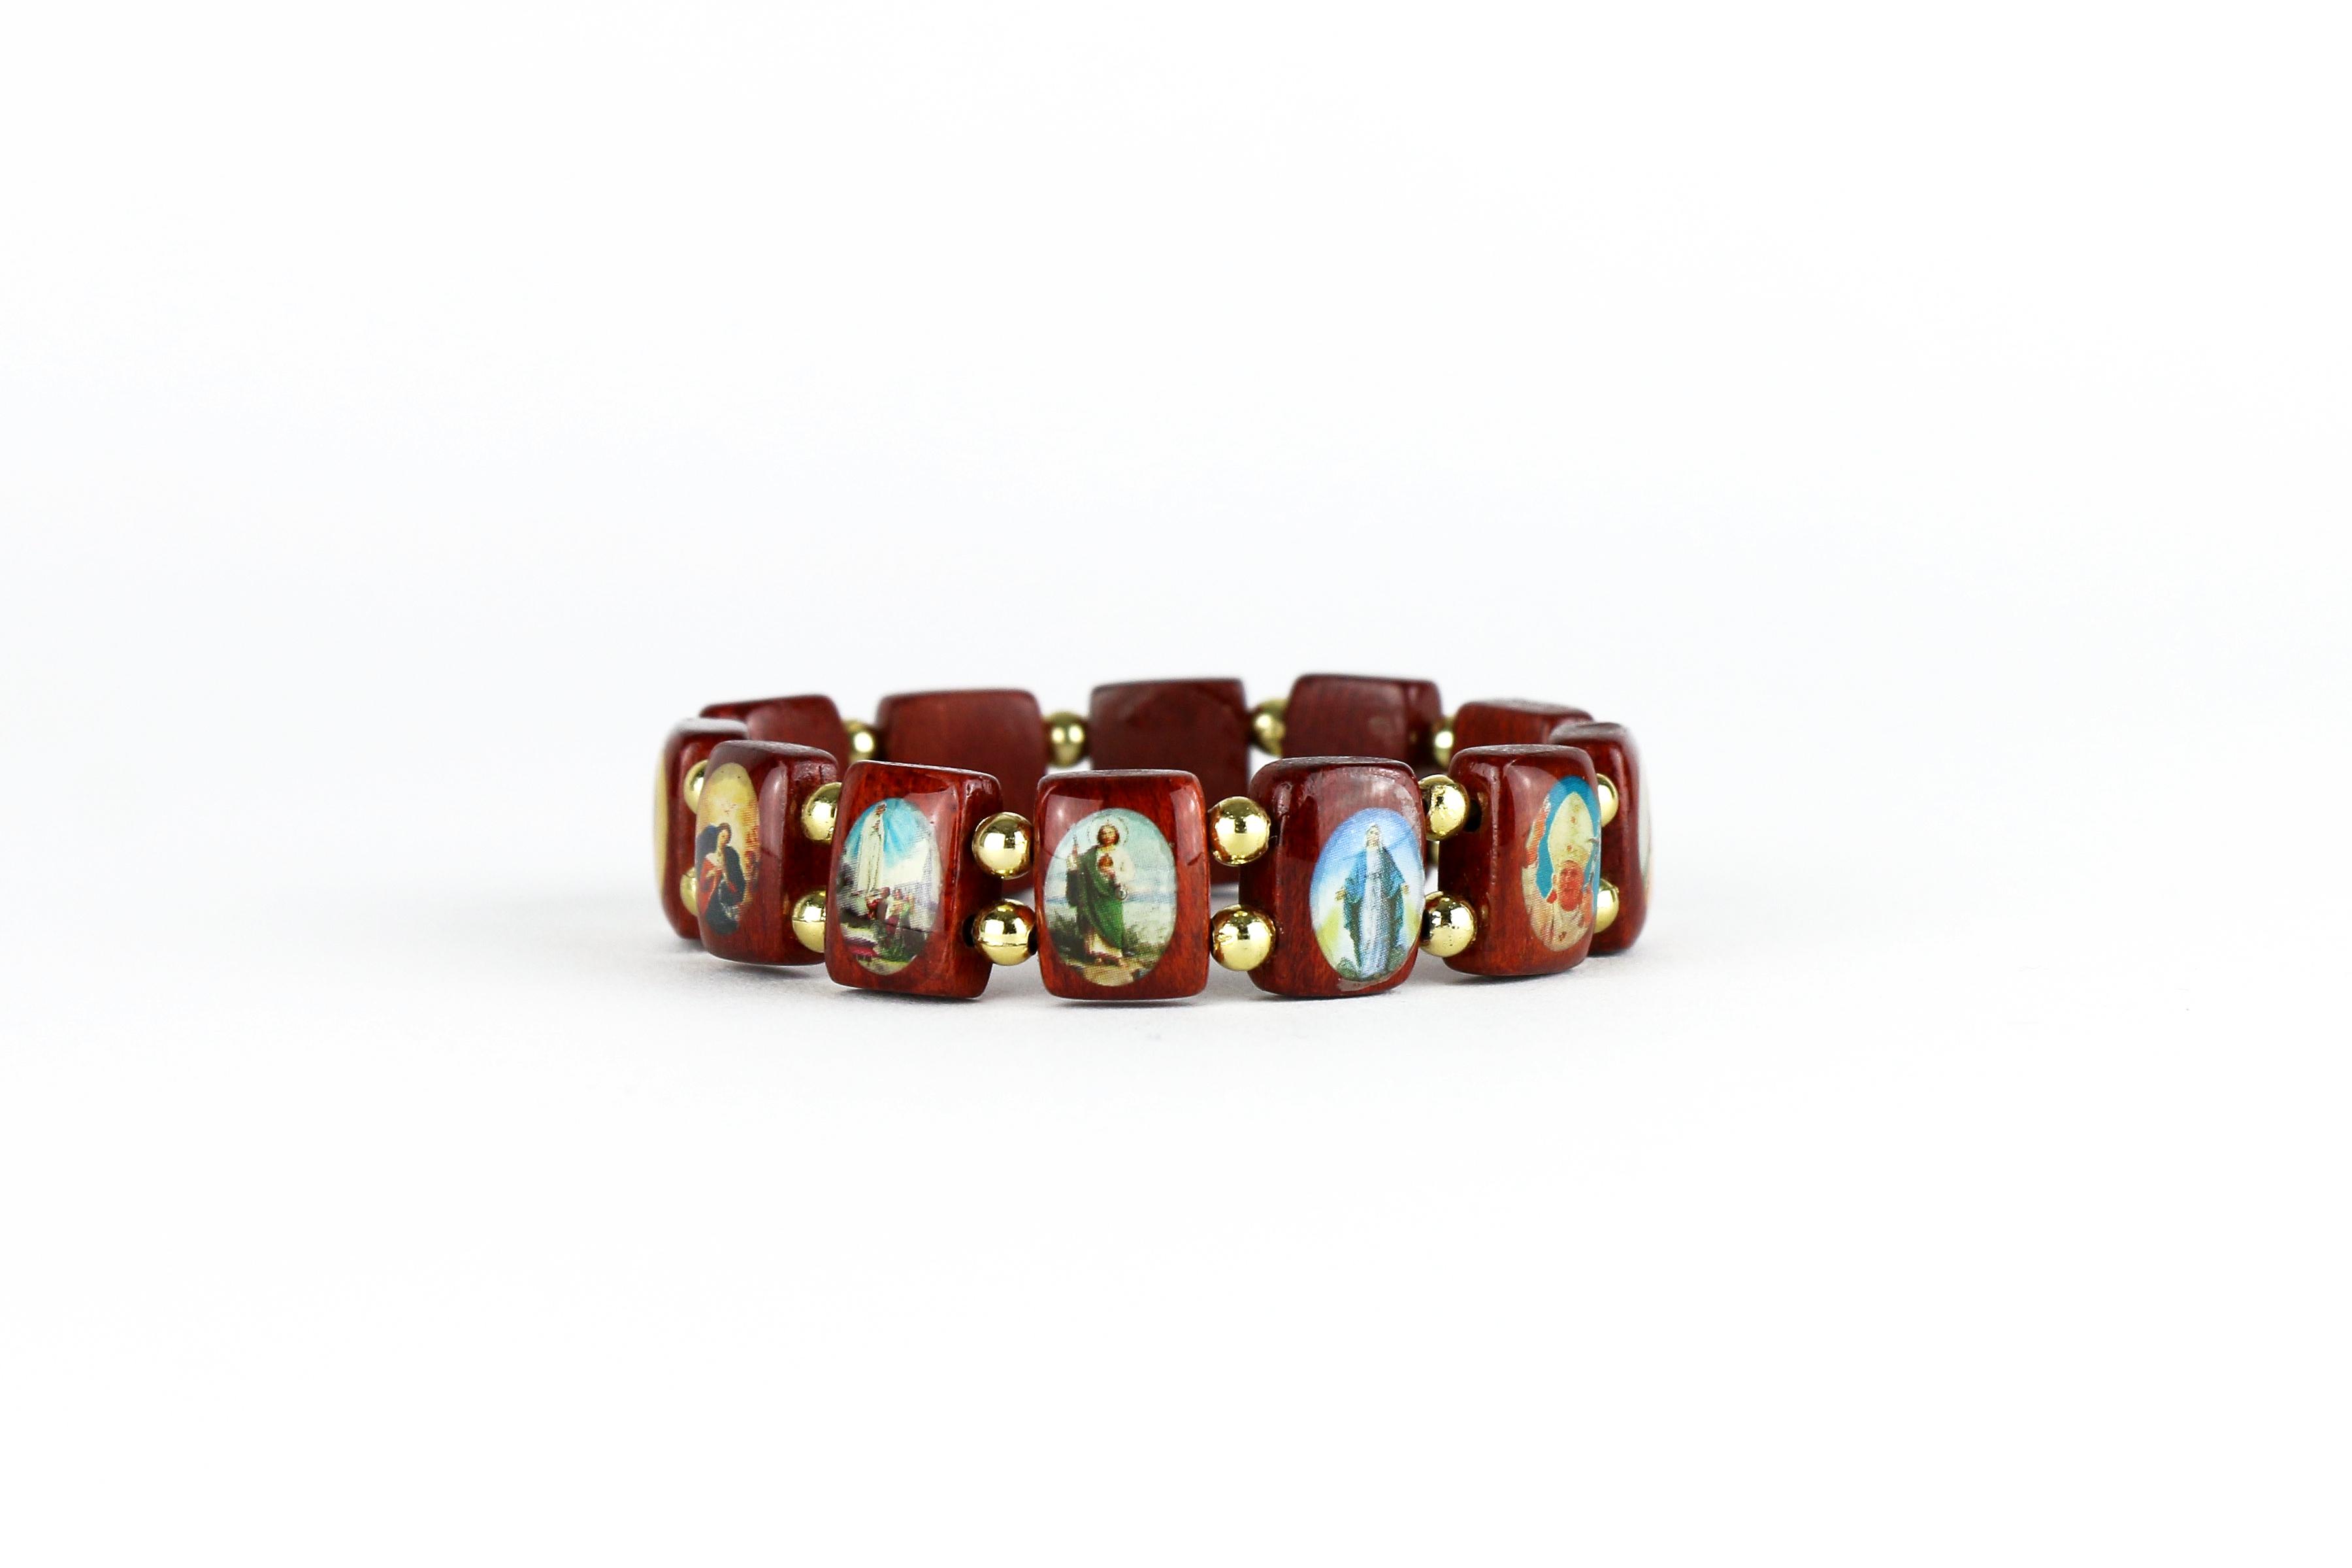 Bracelet des saints en bois / Wooden bracelet of the saints